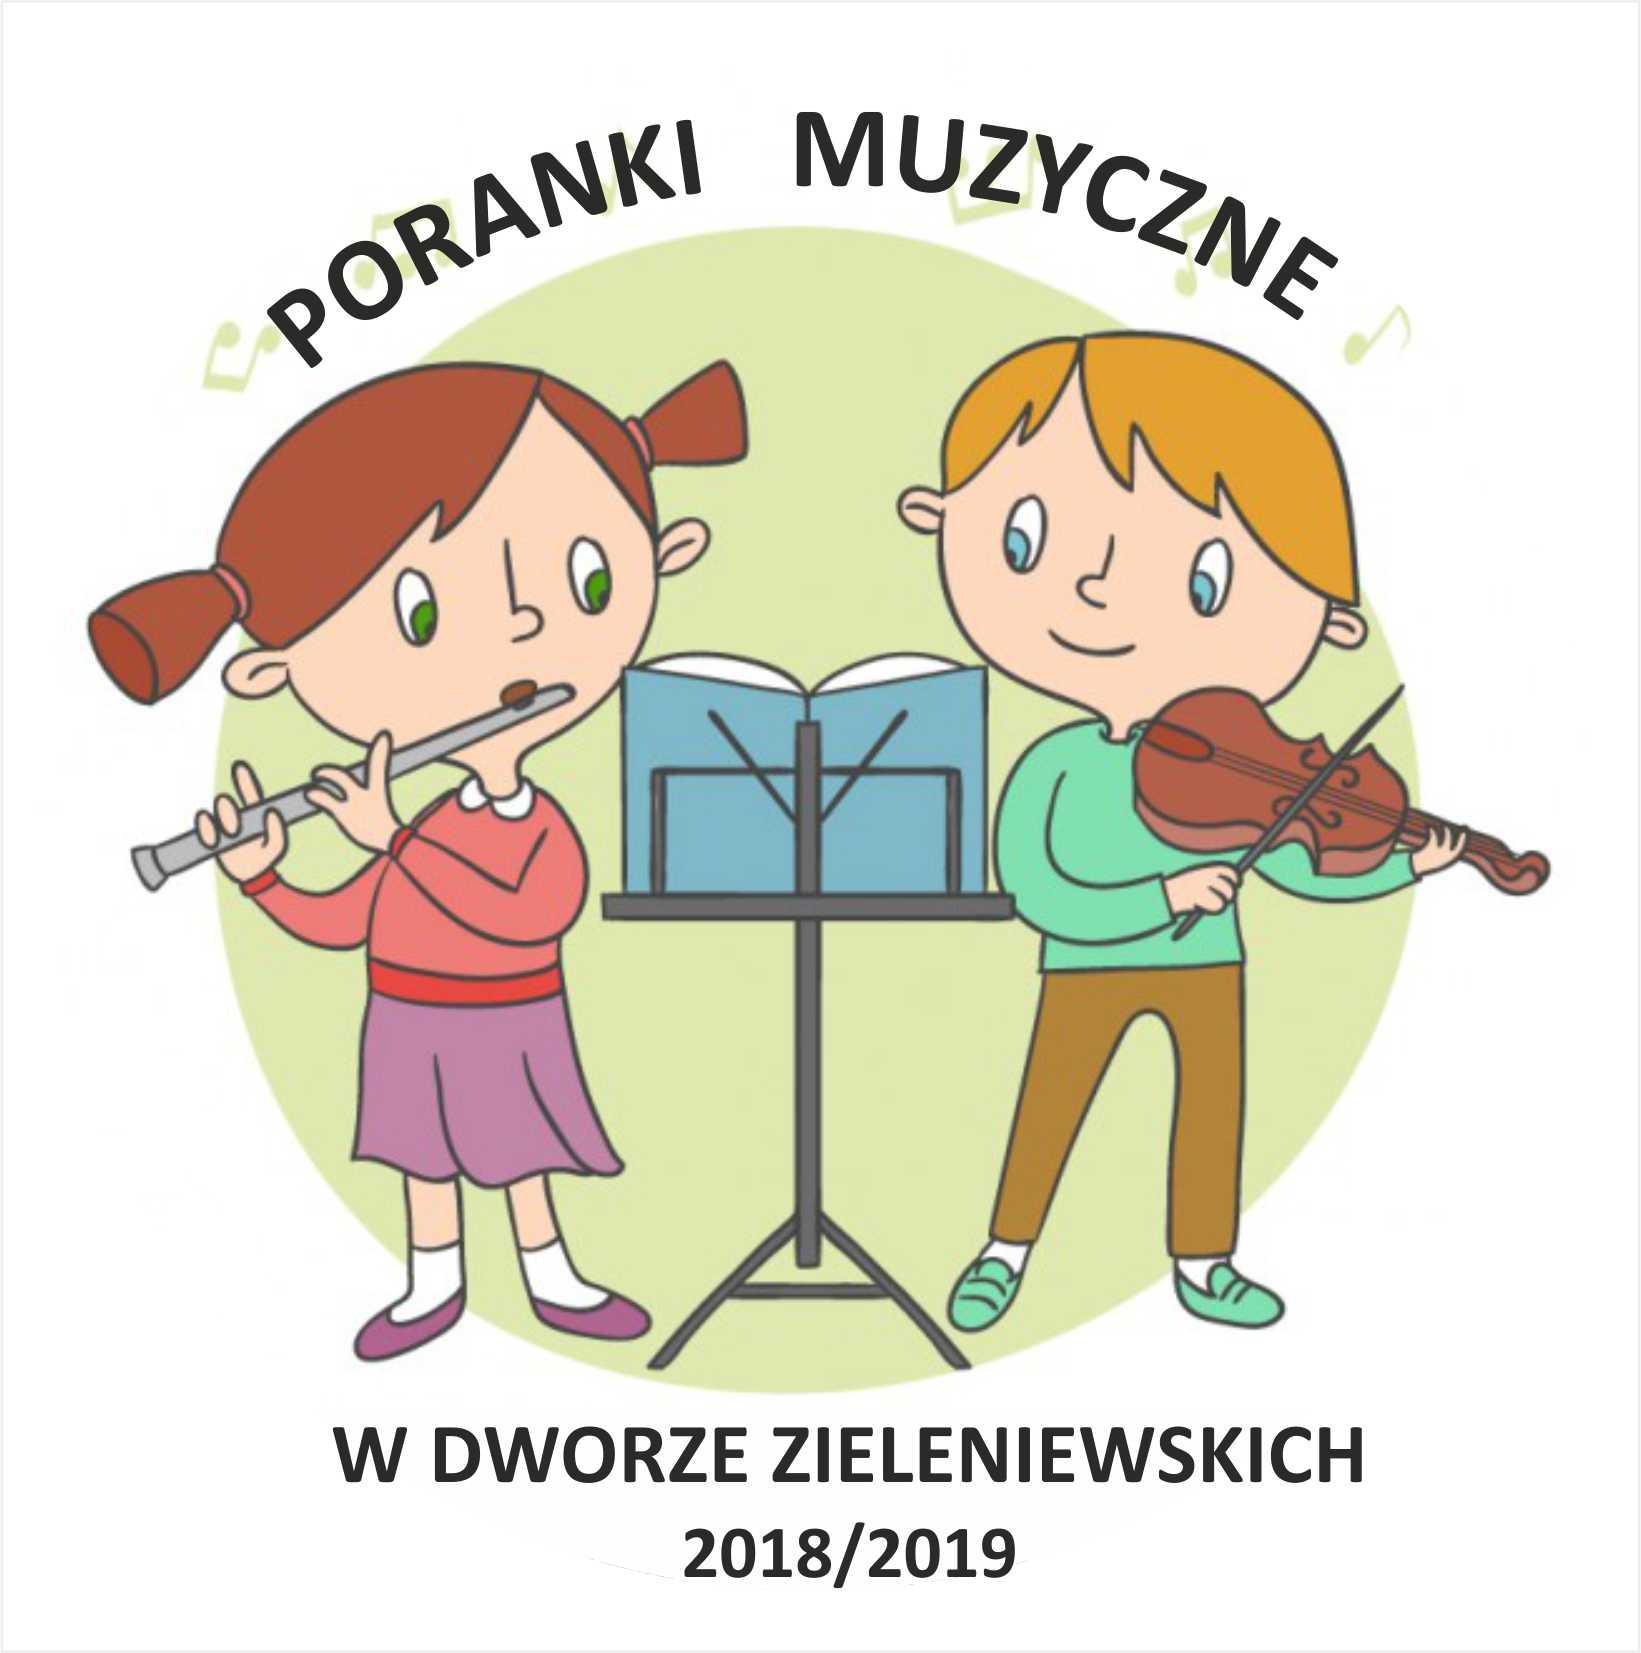 Poranki muzyczne dla dzieci 2018/2019